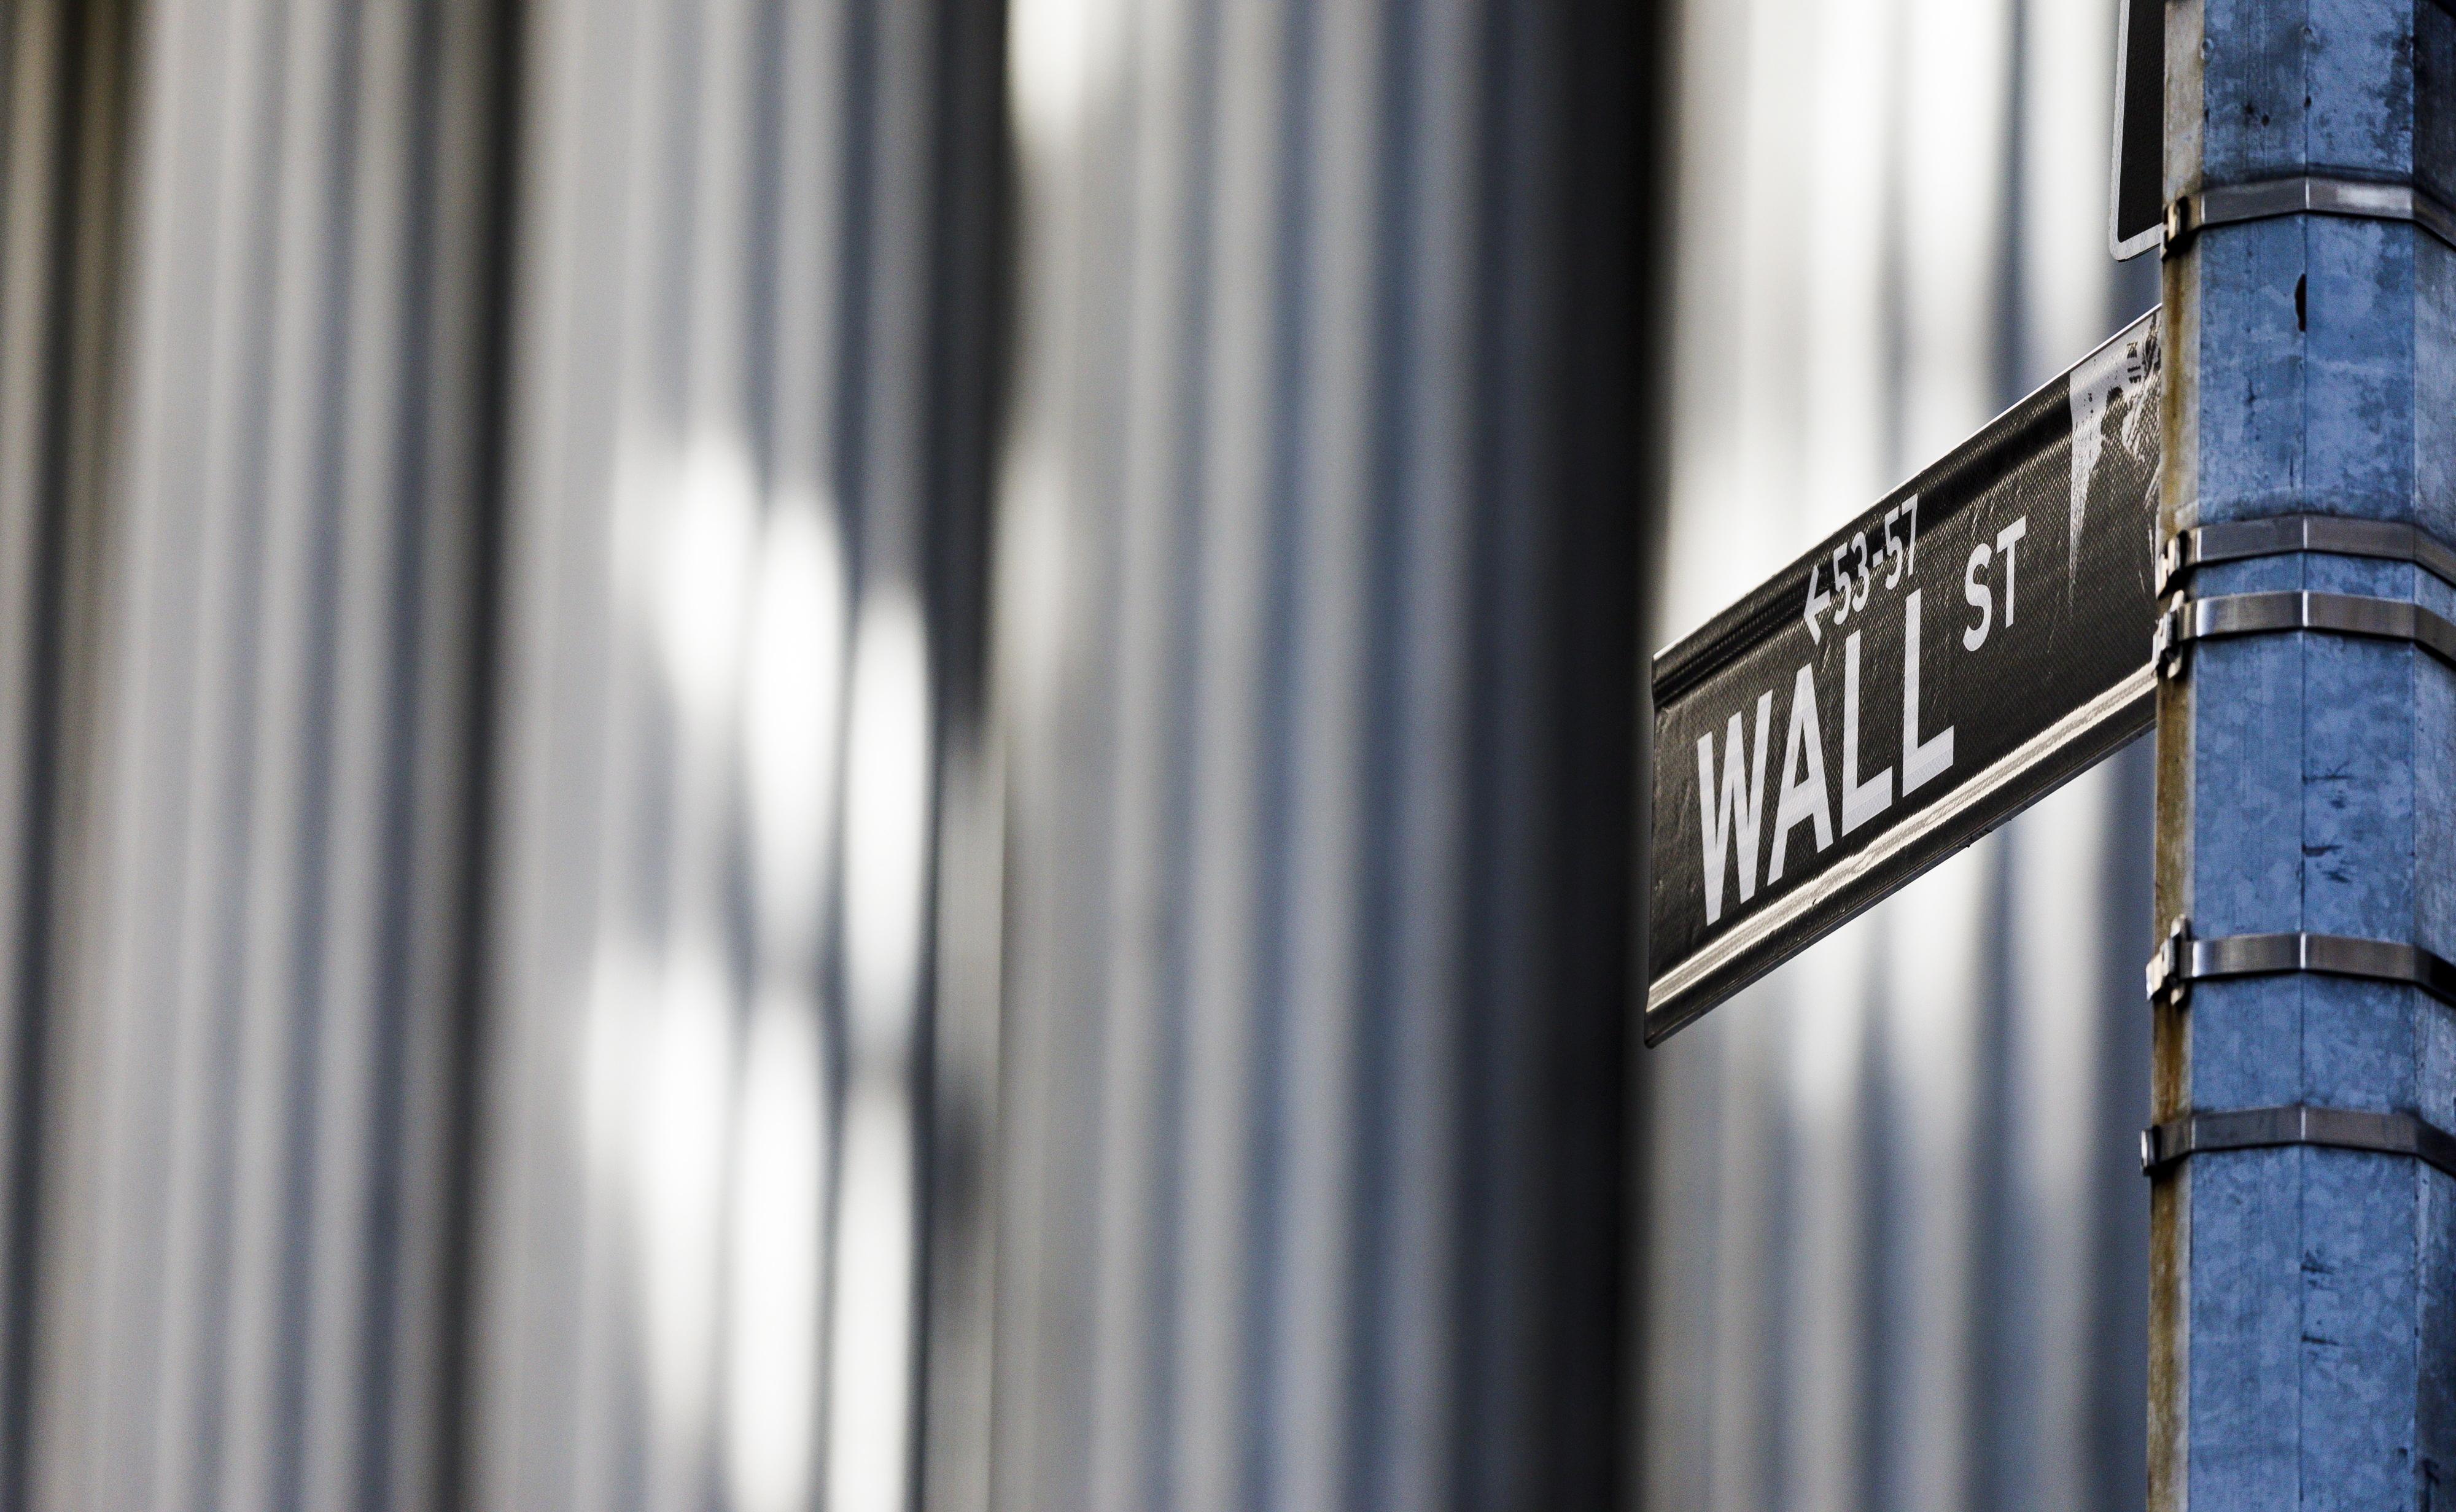 Wall Street fecha em alta ligeira com investidores a descansarem de semana agitada